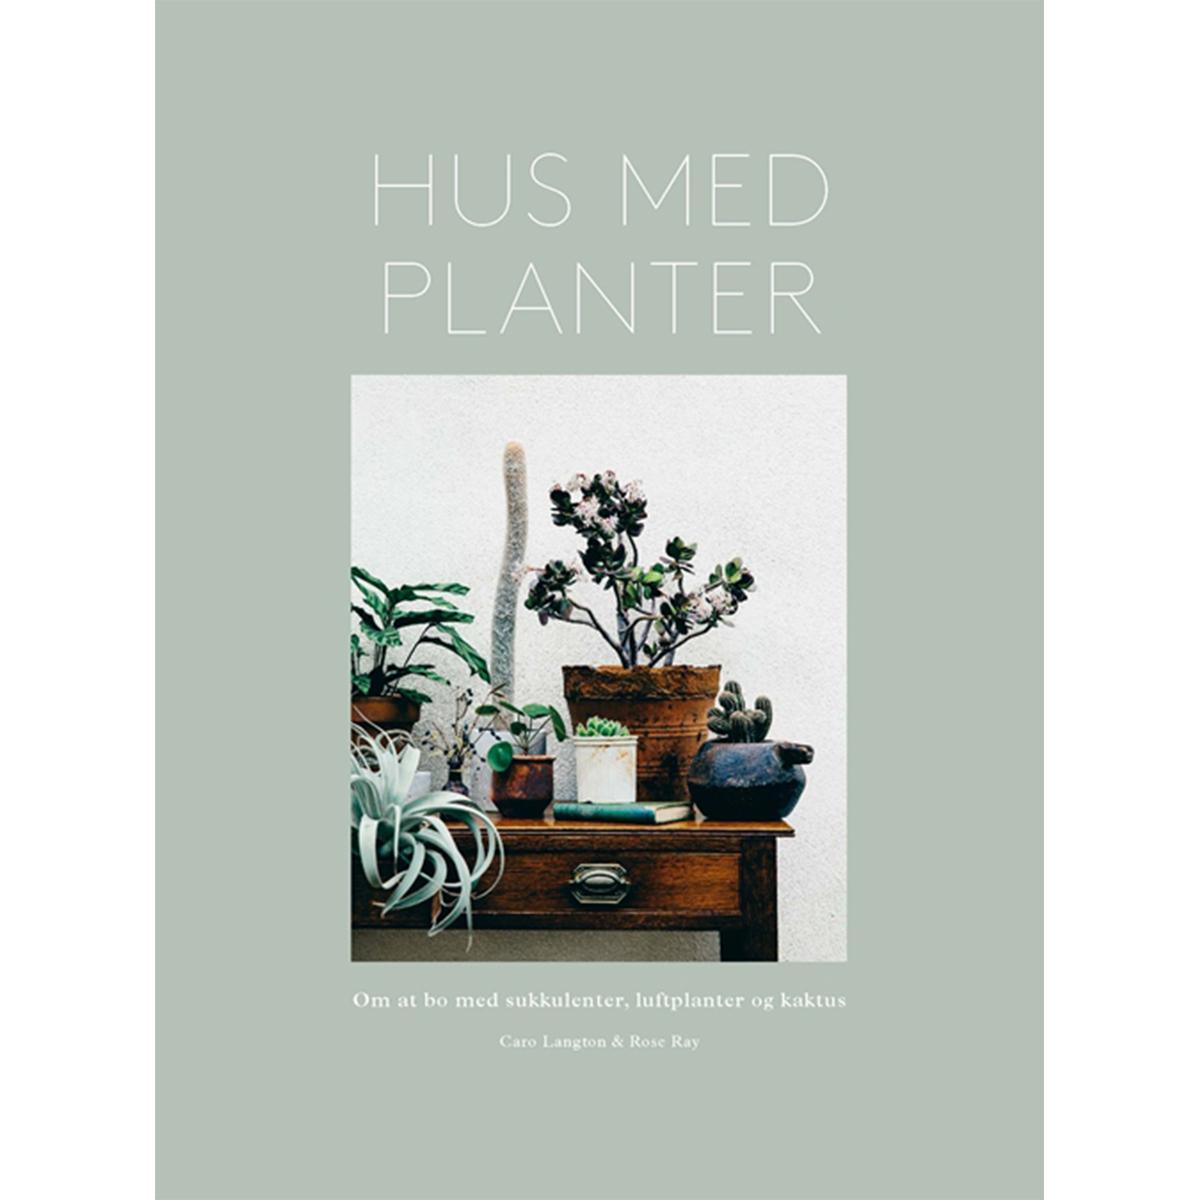 Billede af Hus med planter - Indbundet